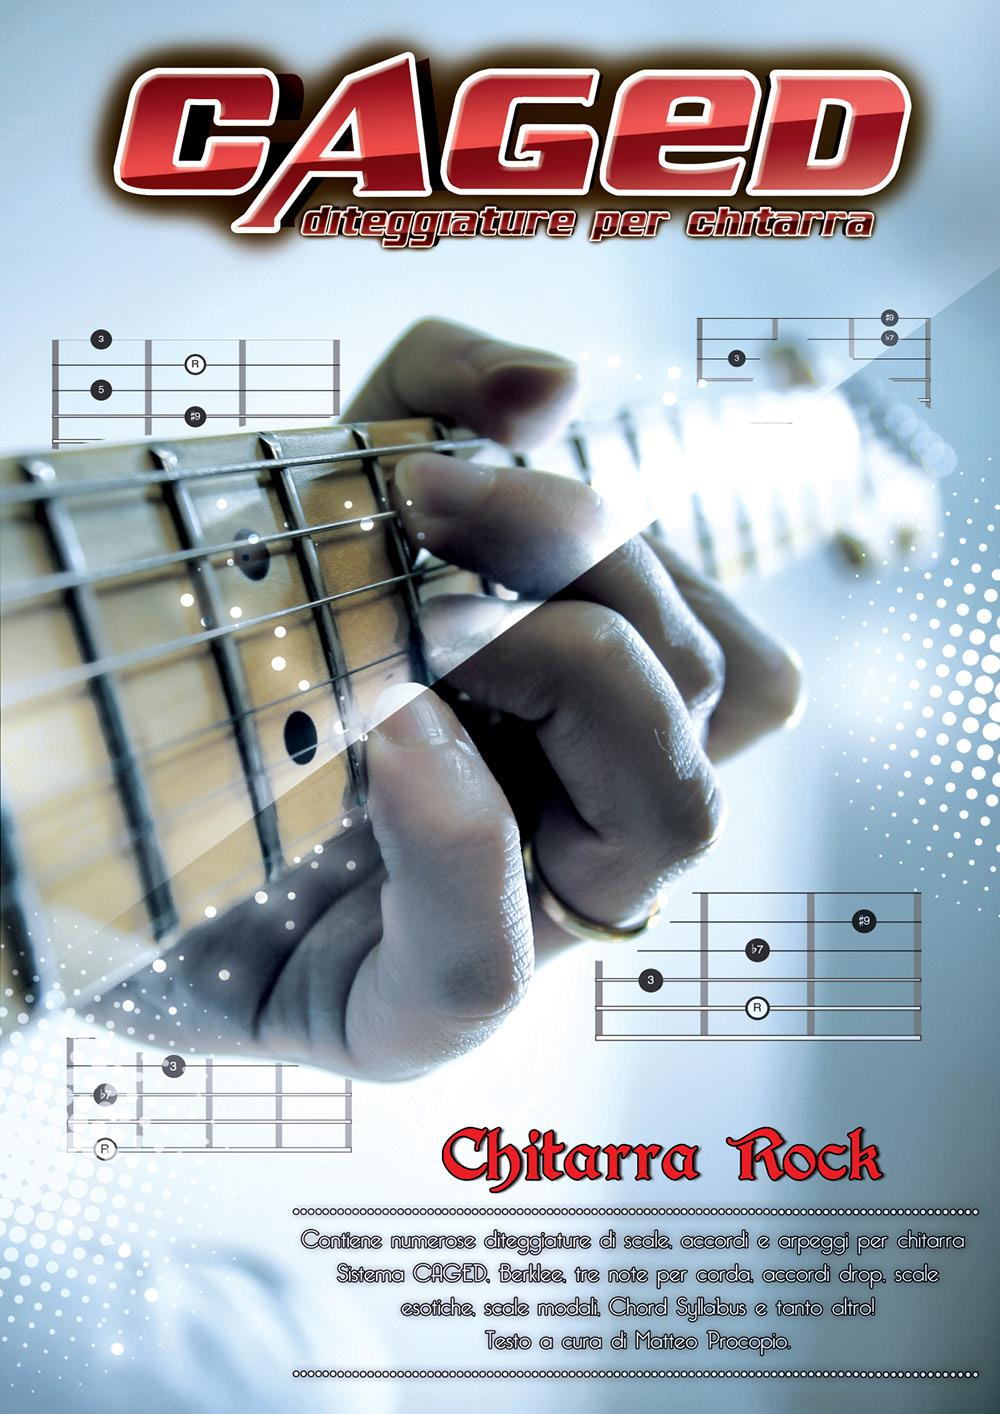 CAGED diteggiature per chitarra